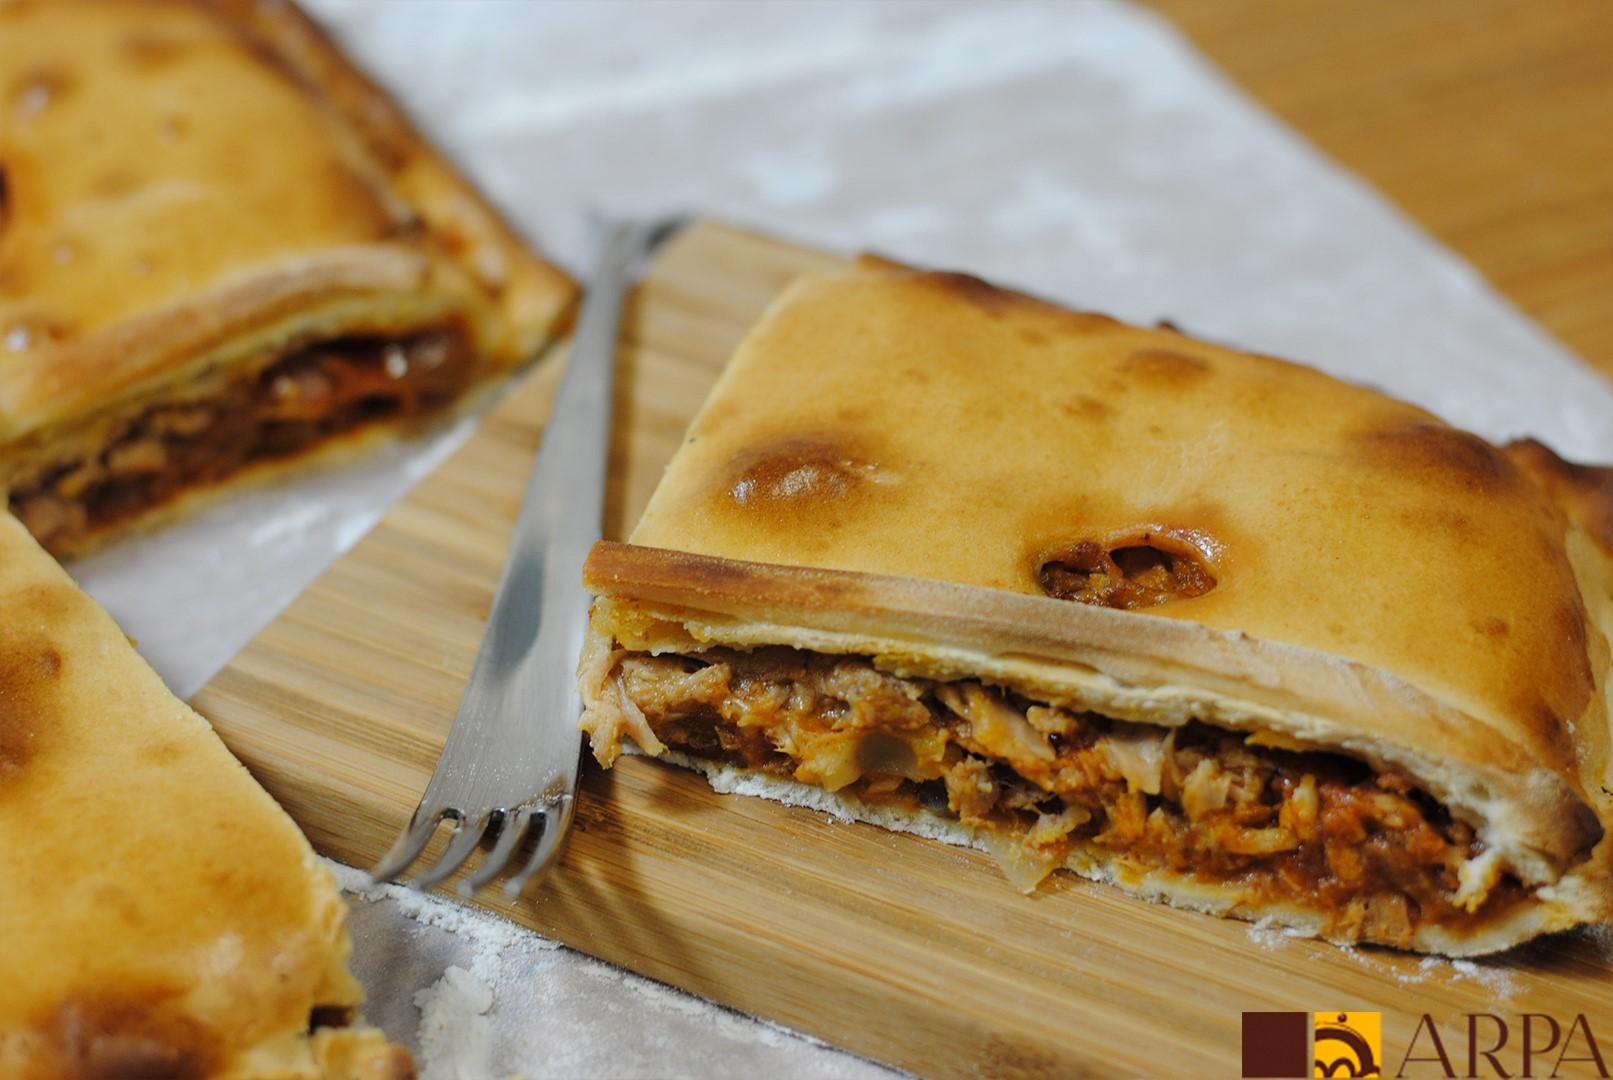 Empanada cuadrada fabricada manualmente con masa pan y rellena de pisto de tomate y verduras y carne